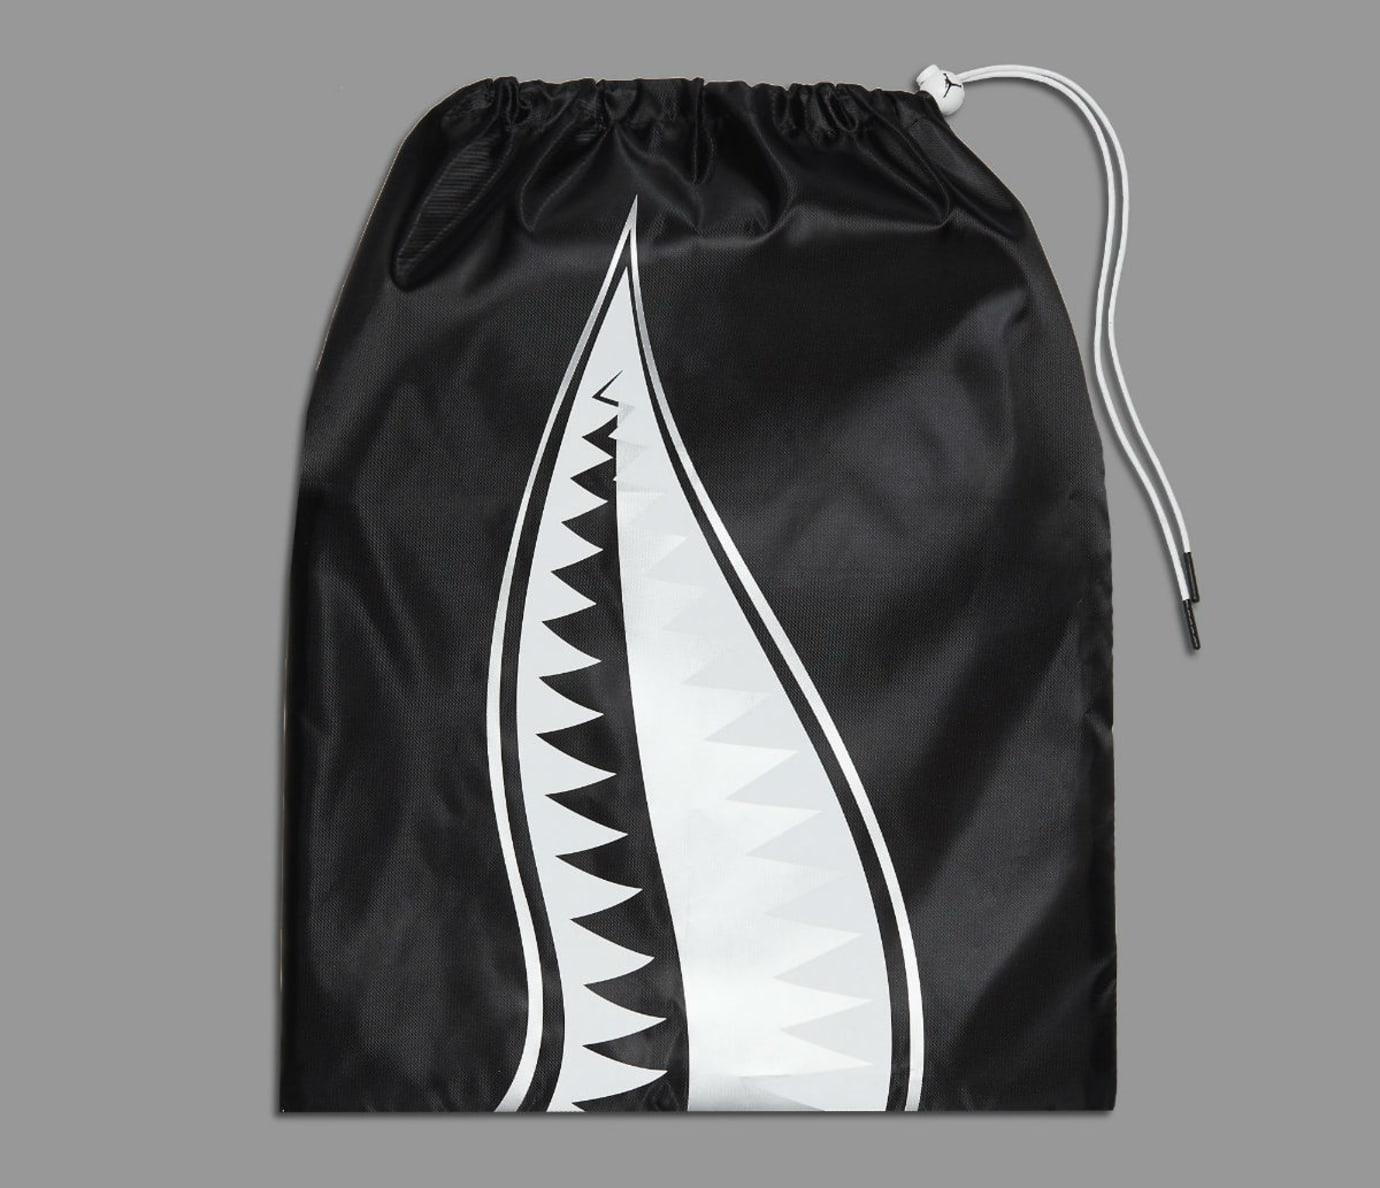 Air Jordan 5 Premium Black Release Date Bag 881432-010